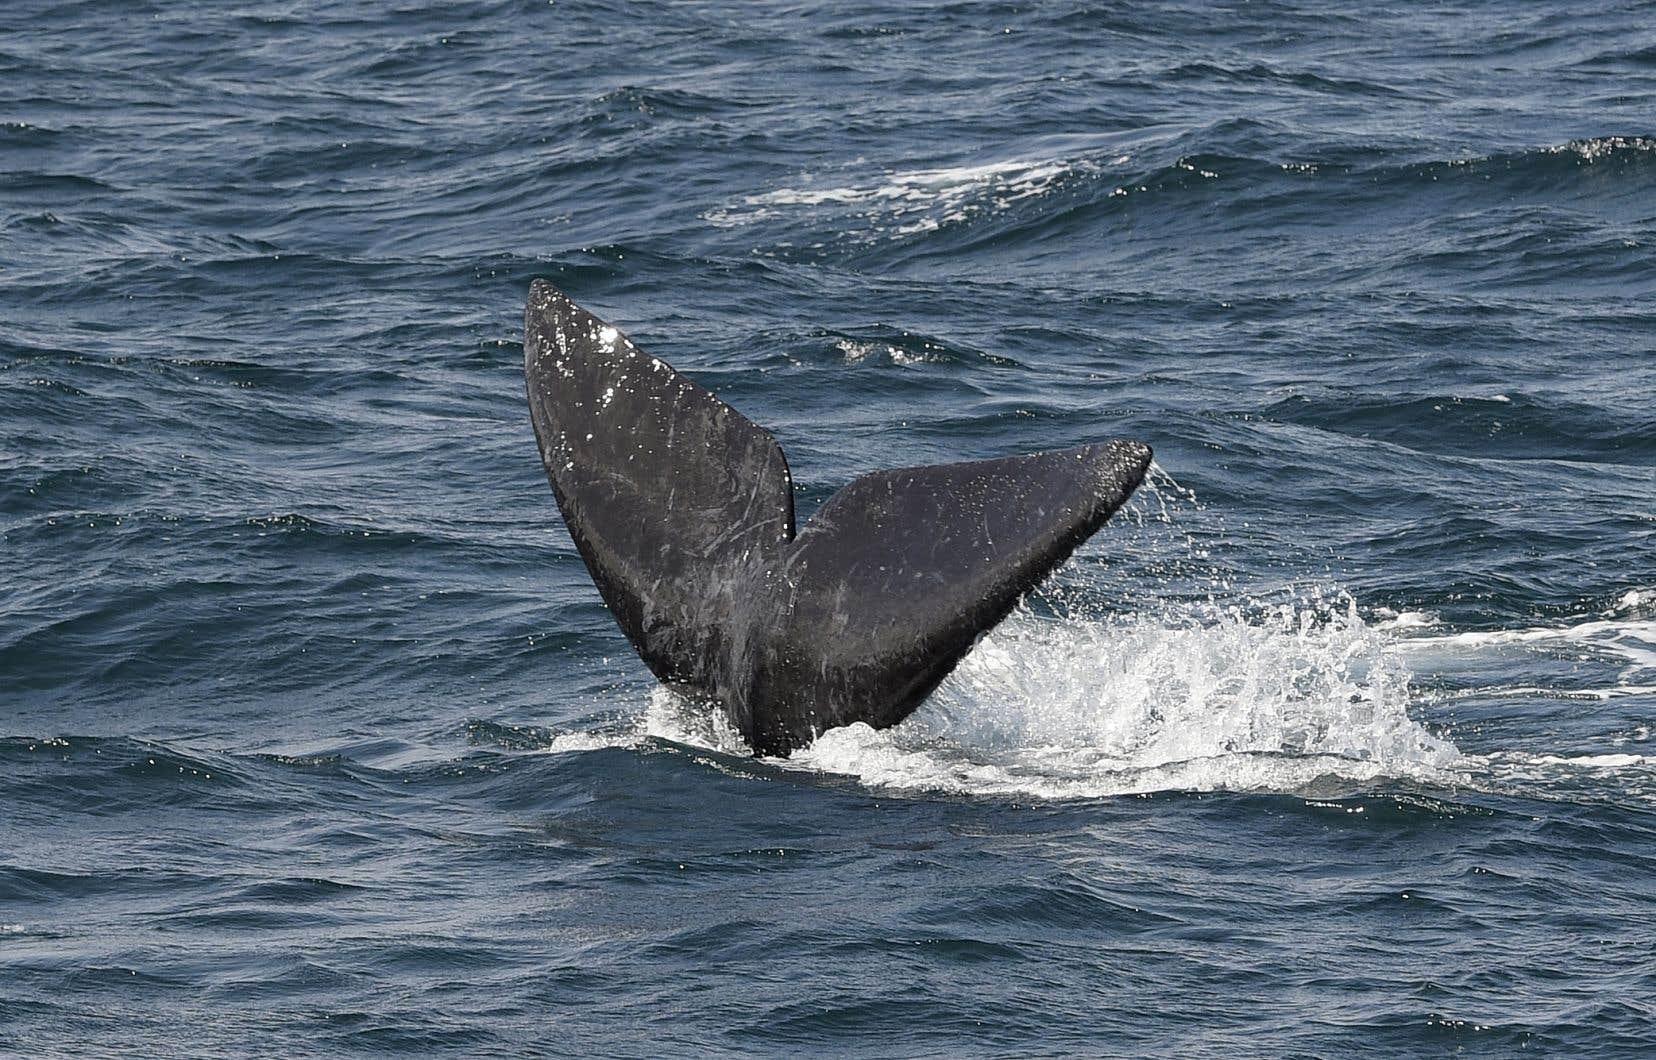 L'an dernier, 18 décès ont été répertoriés parmi la population de baleines noires de l'Atlantique Nord, dont 12 en eaux canadiennes.